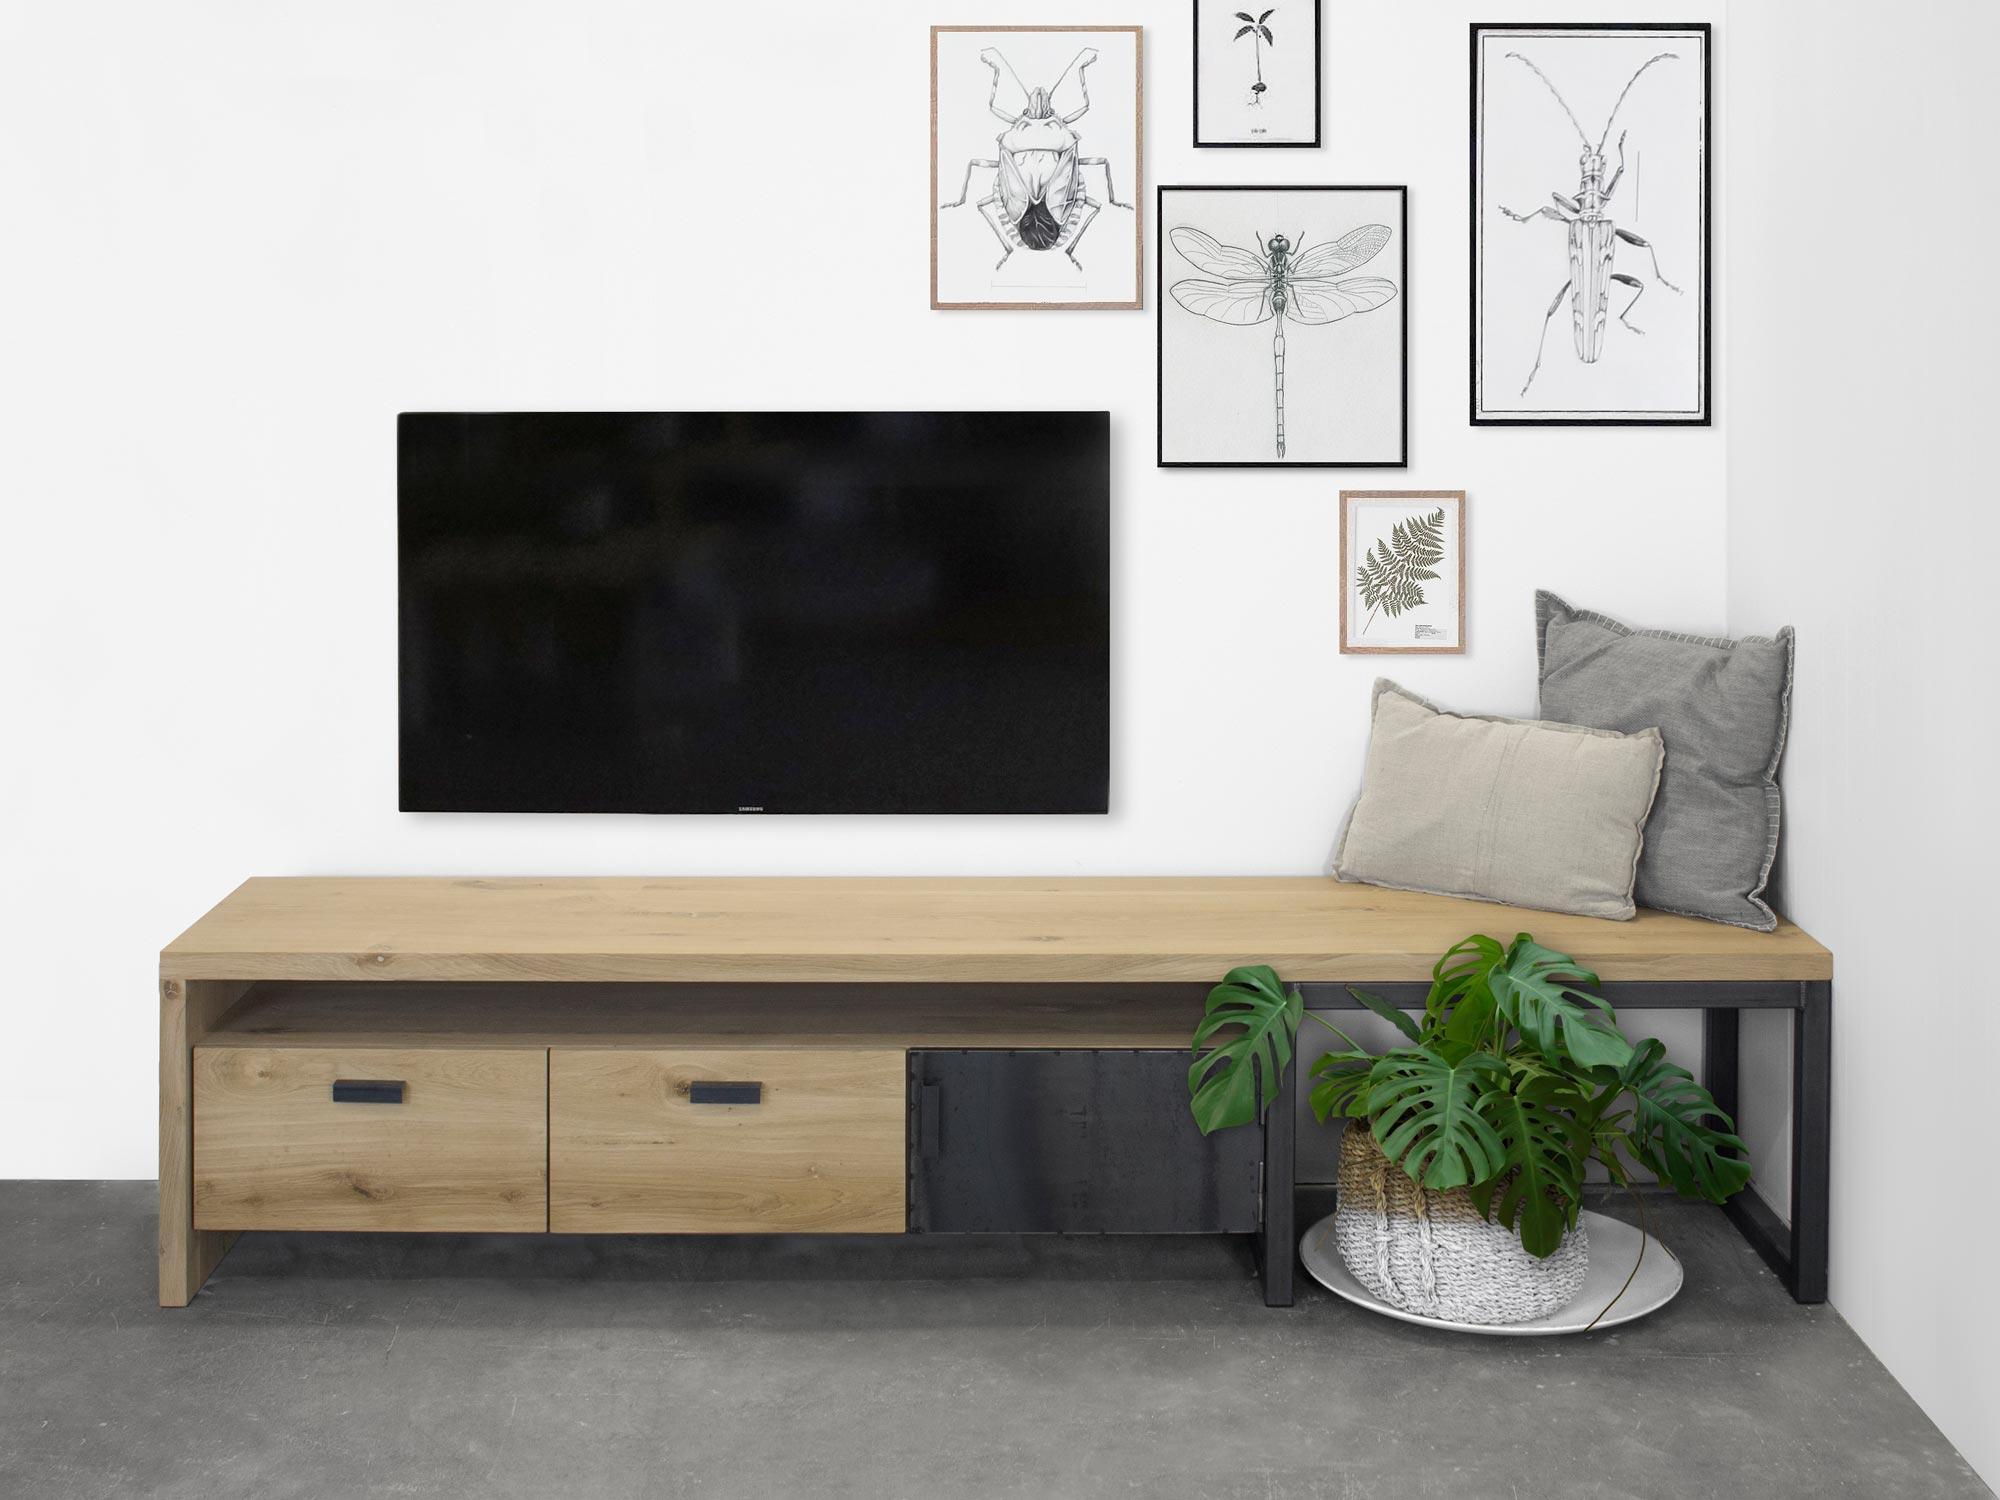 Nieuw TV-Meubel Kaspar eikenhout | FØRN maatwerk meubelen IH-52